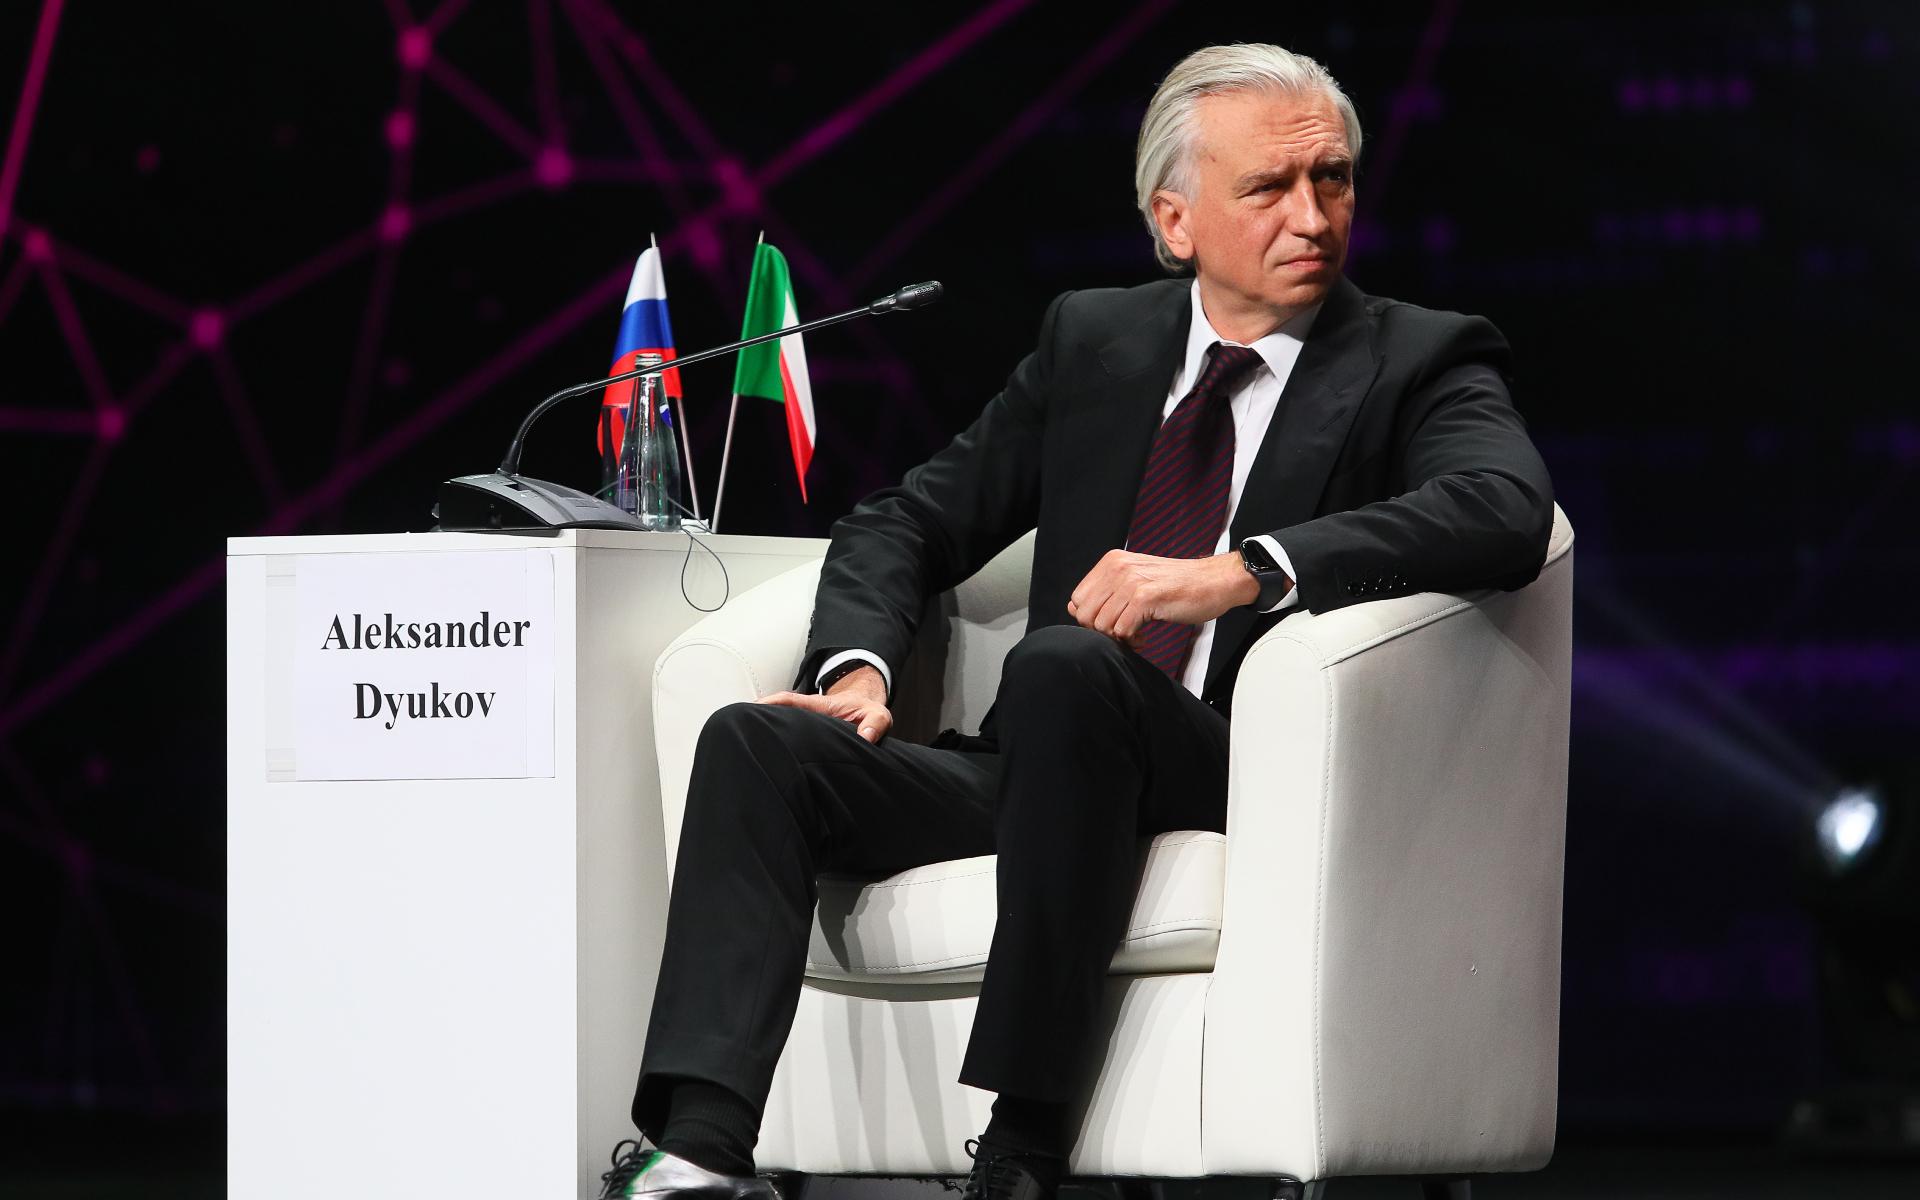 Фото: Марина Молдавская/ТАСС